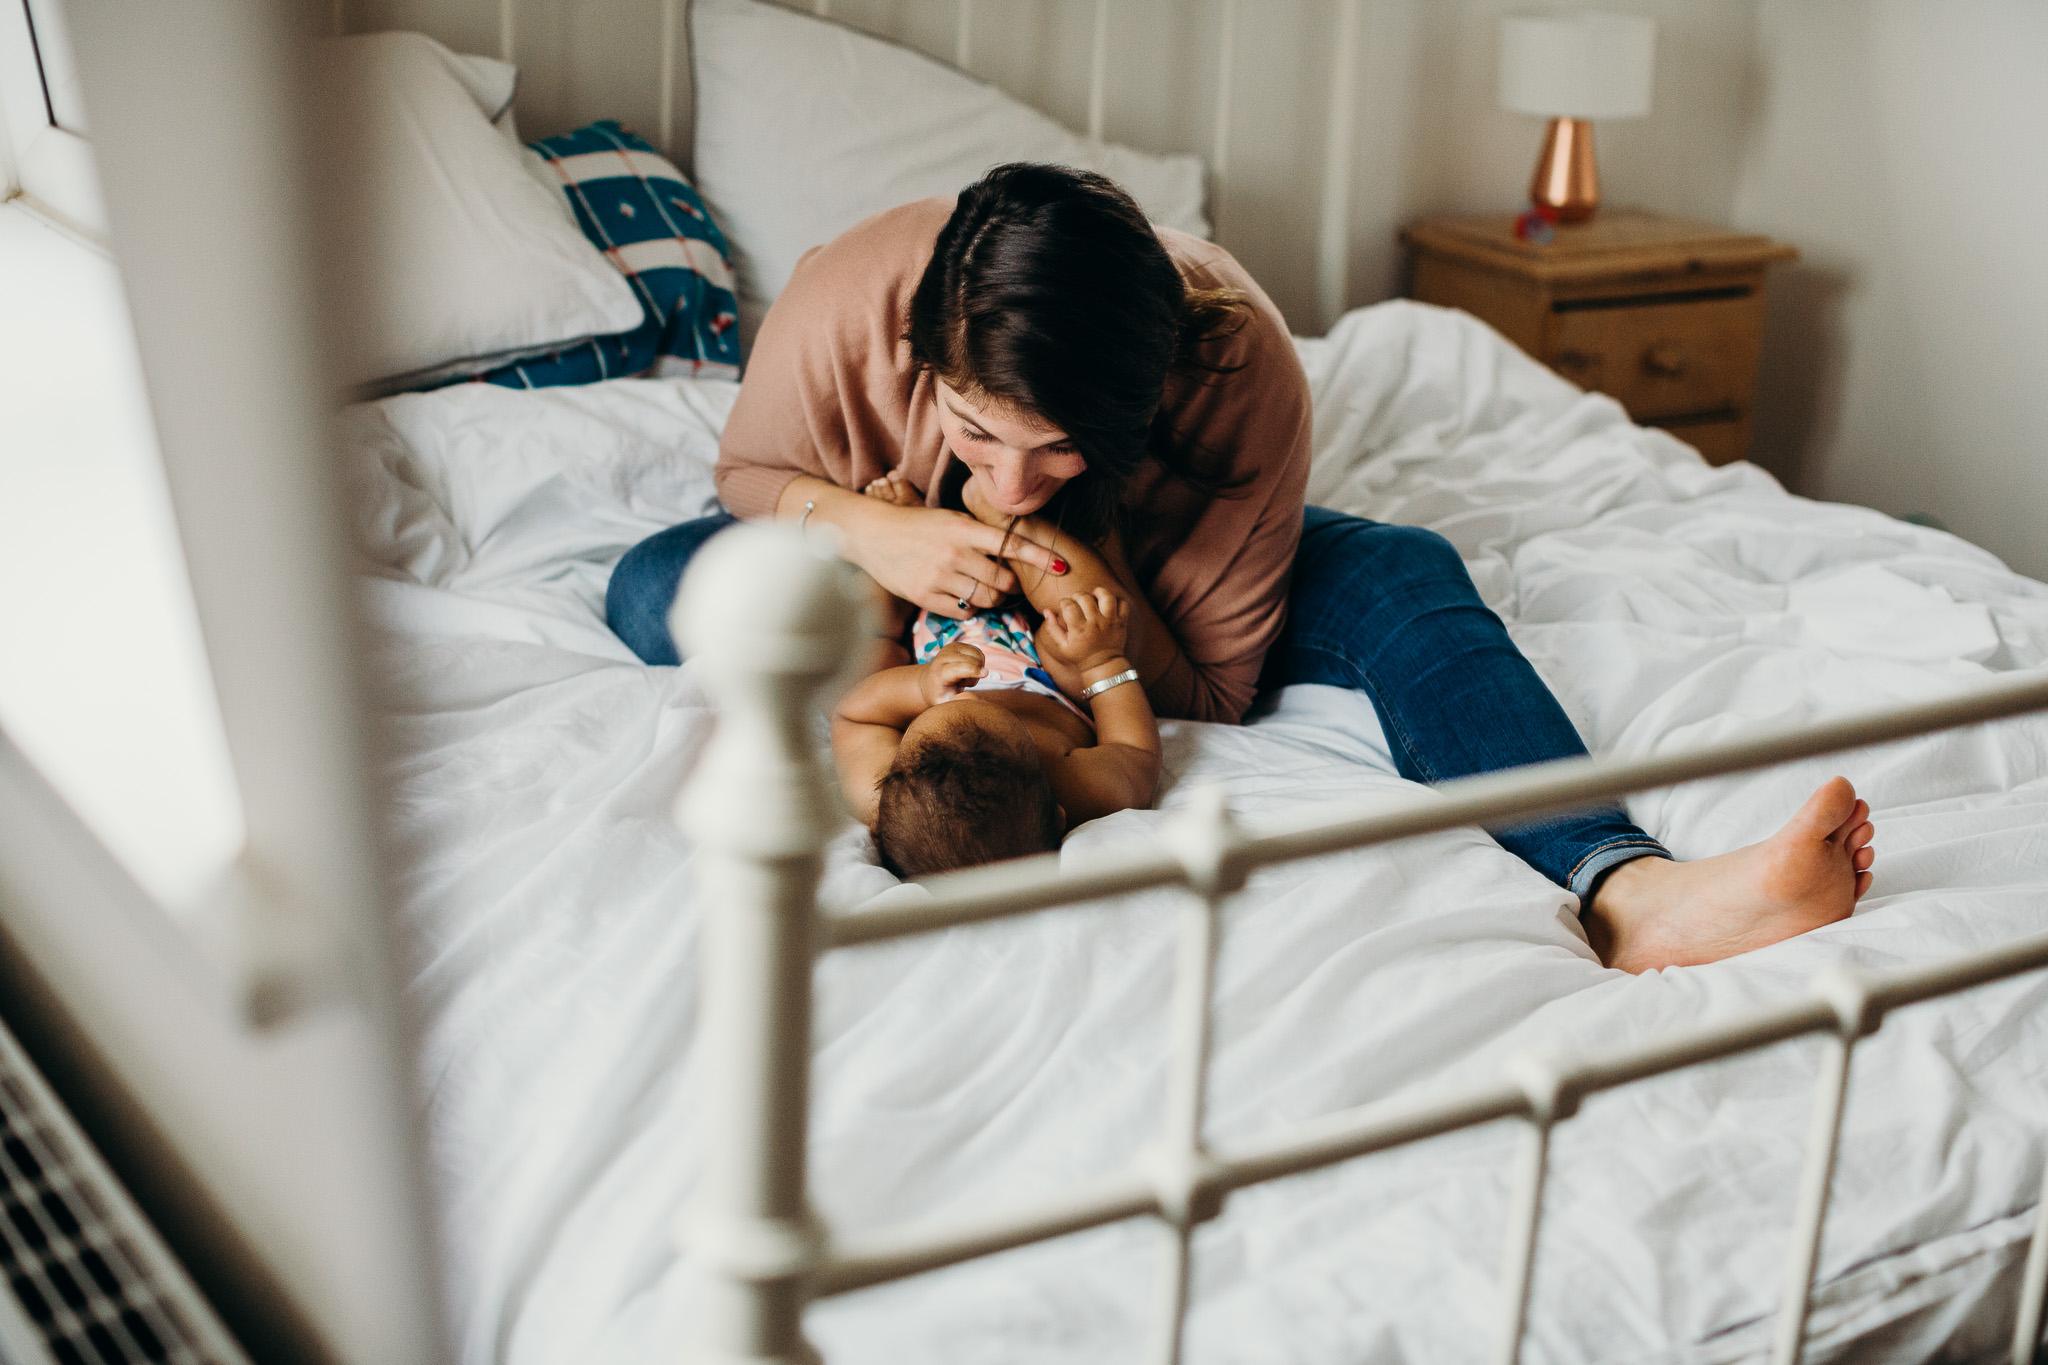 motherhood-baby-inhome-photoshoot-46.jpg